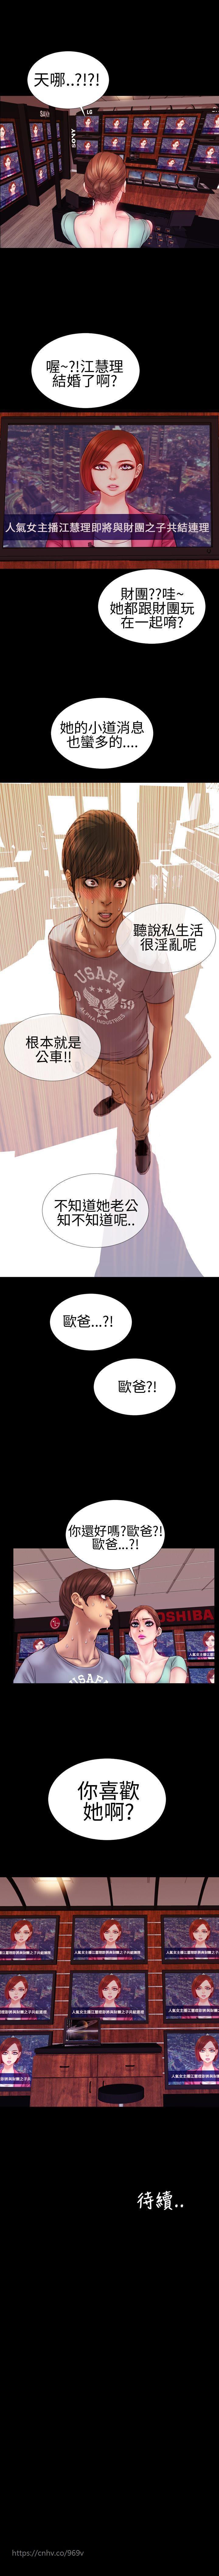 [洋蔥&模造]MY WIVES 淫荡的妻子们 Ch.4~10 [Chinese]中文 10